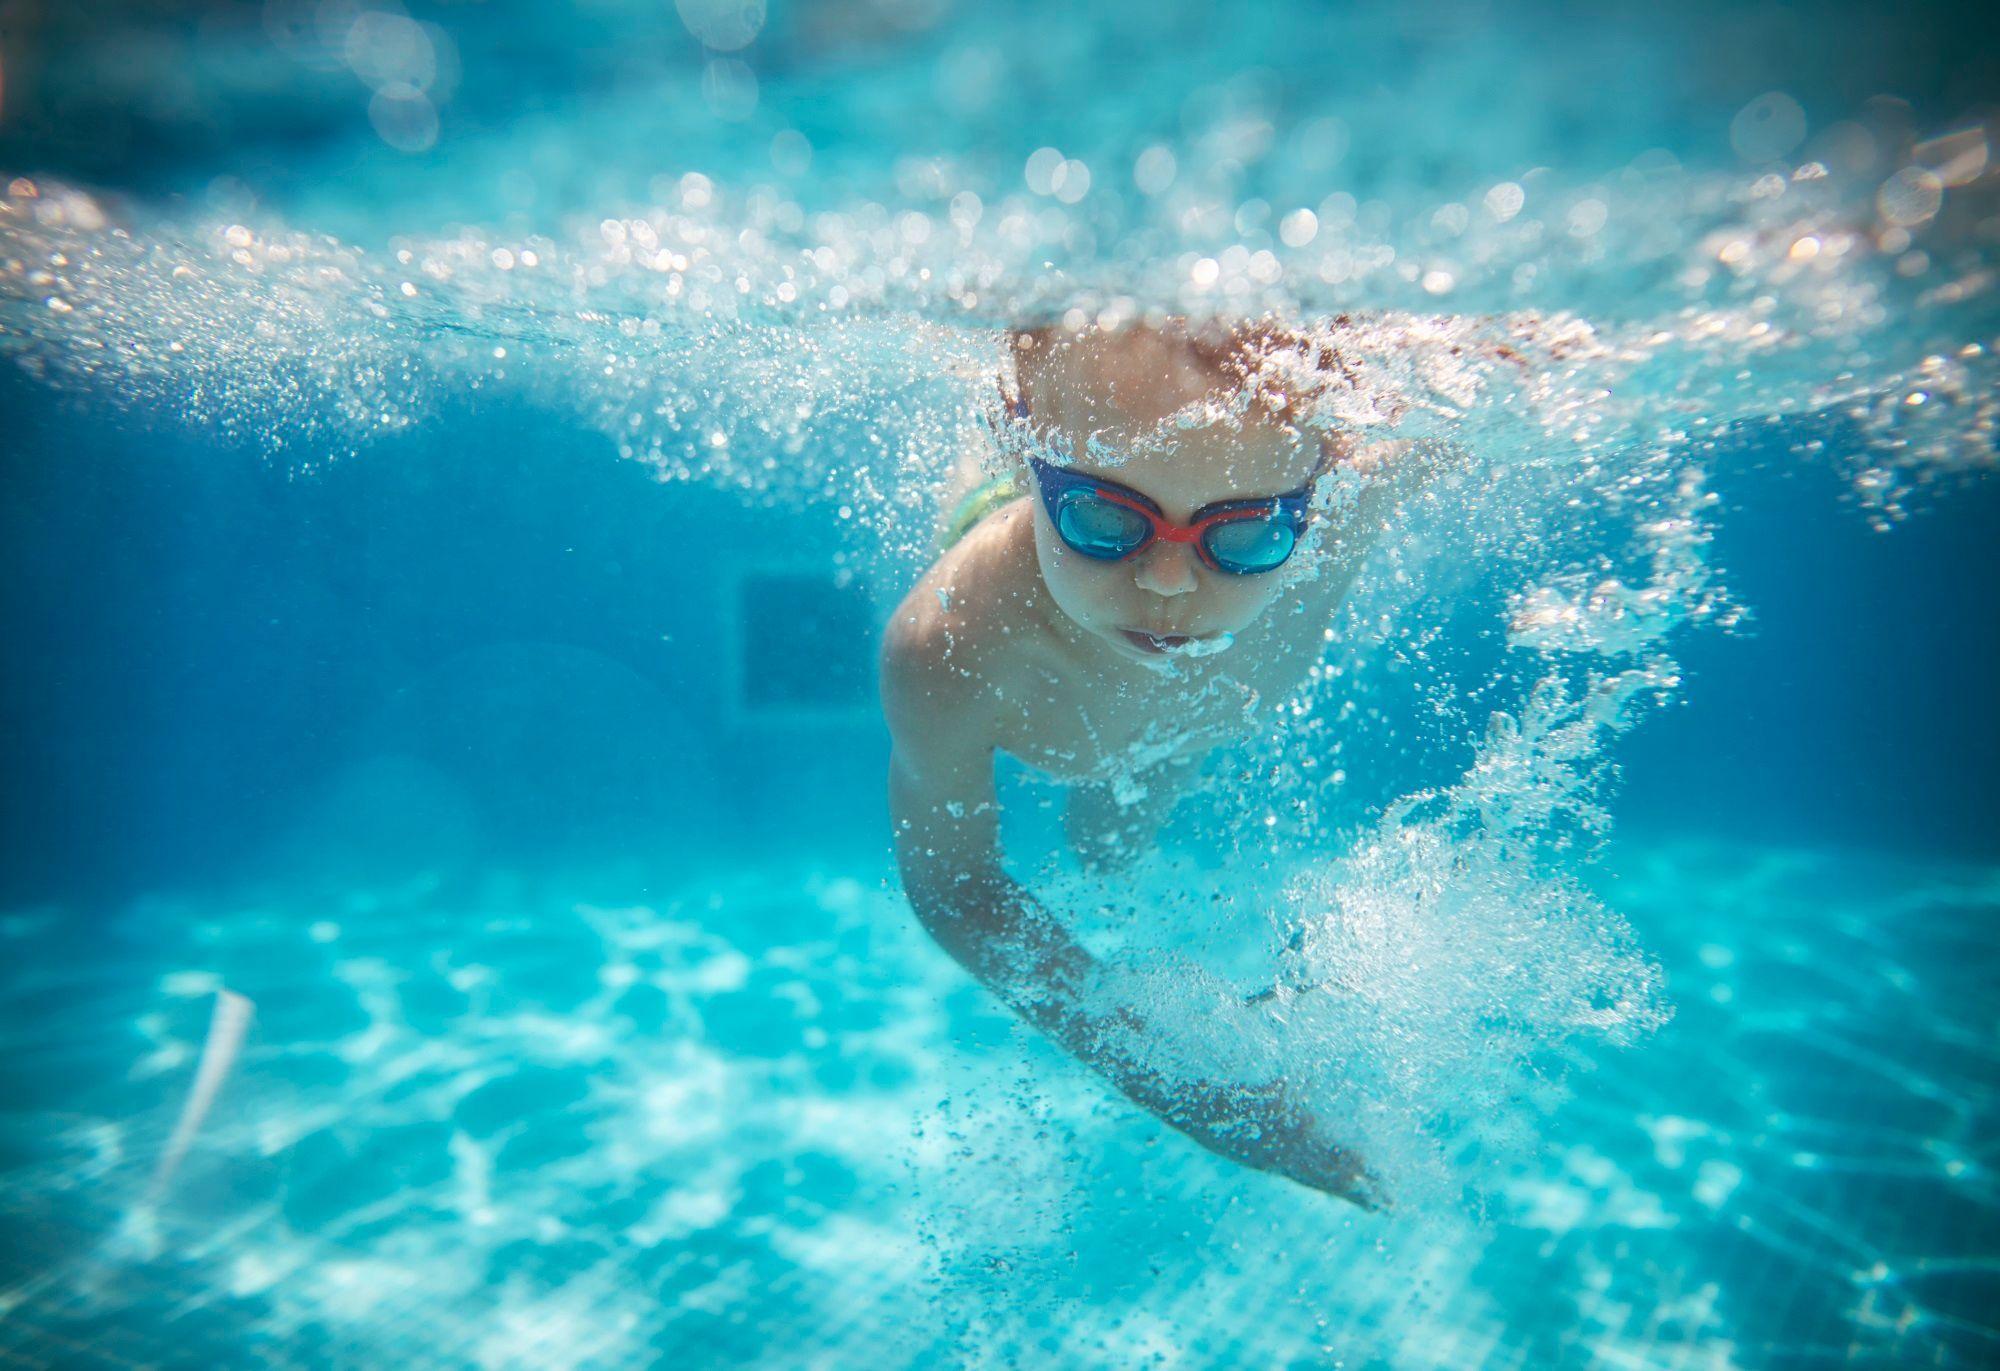 Otite du baigneur : causes, symptômes et traitement - Doctissimo